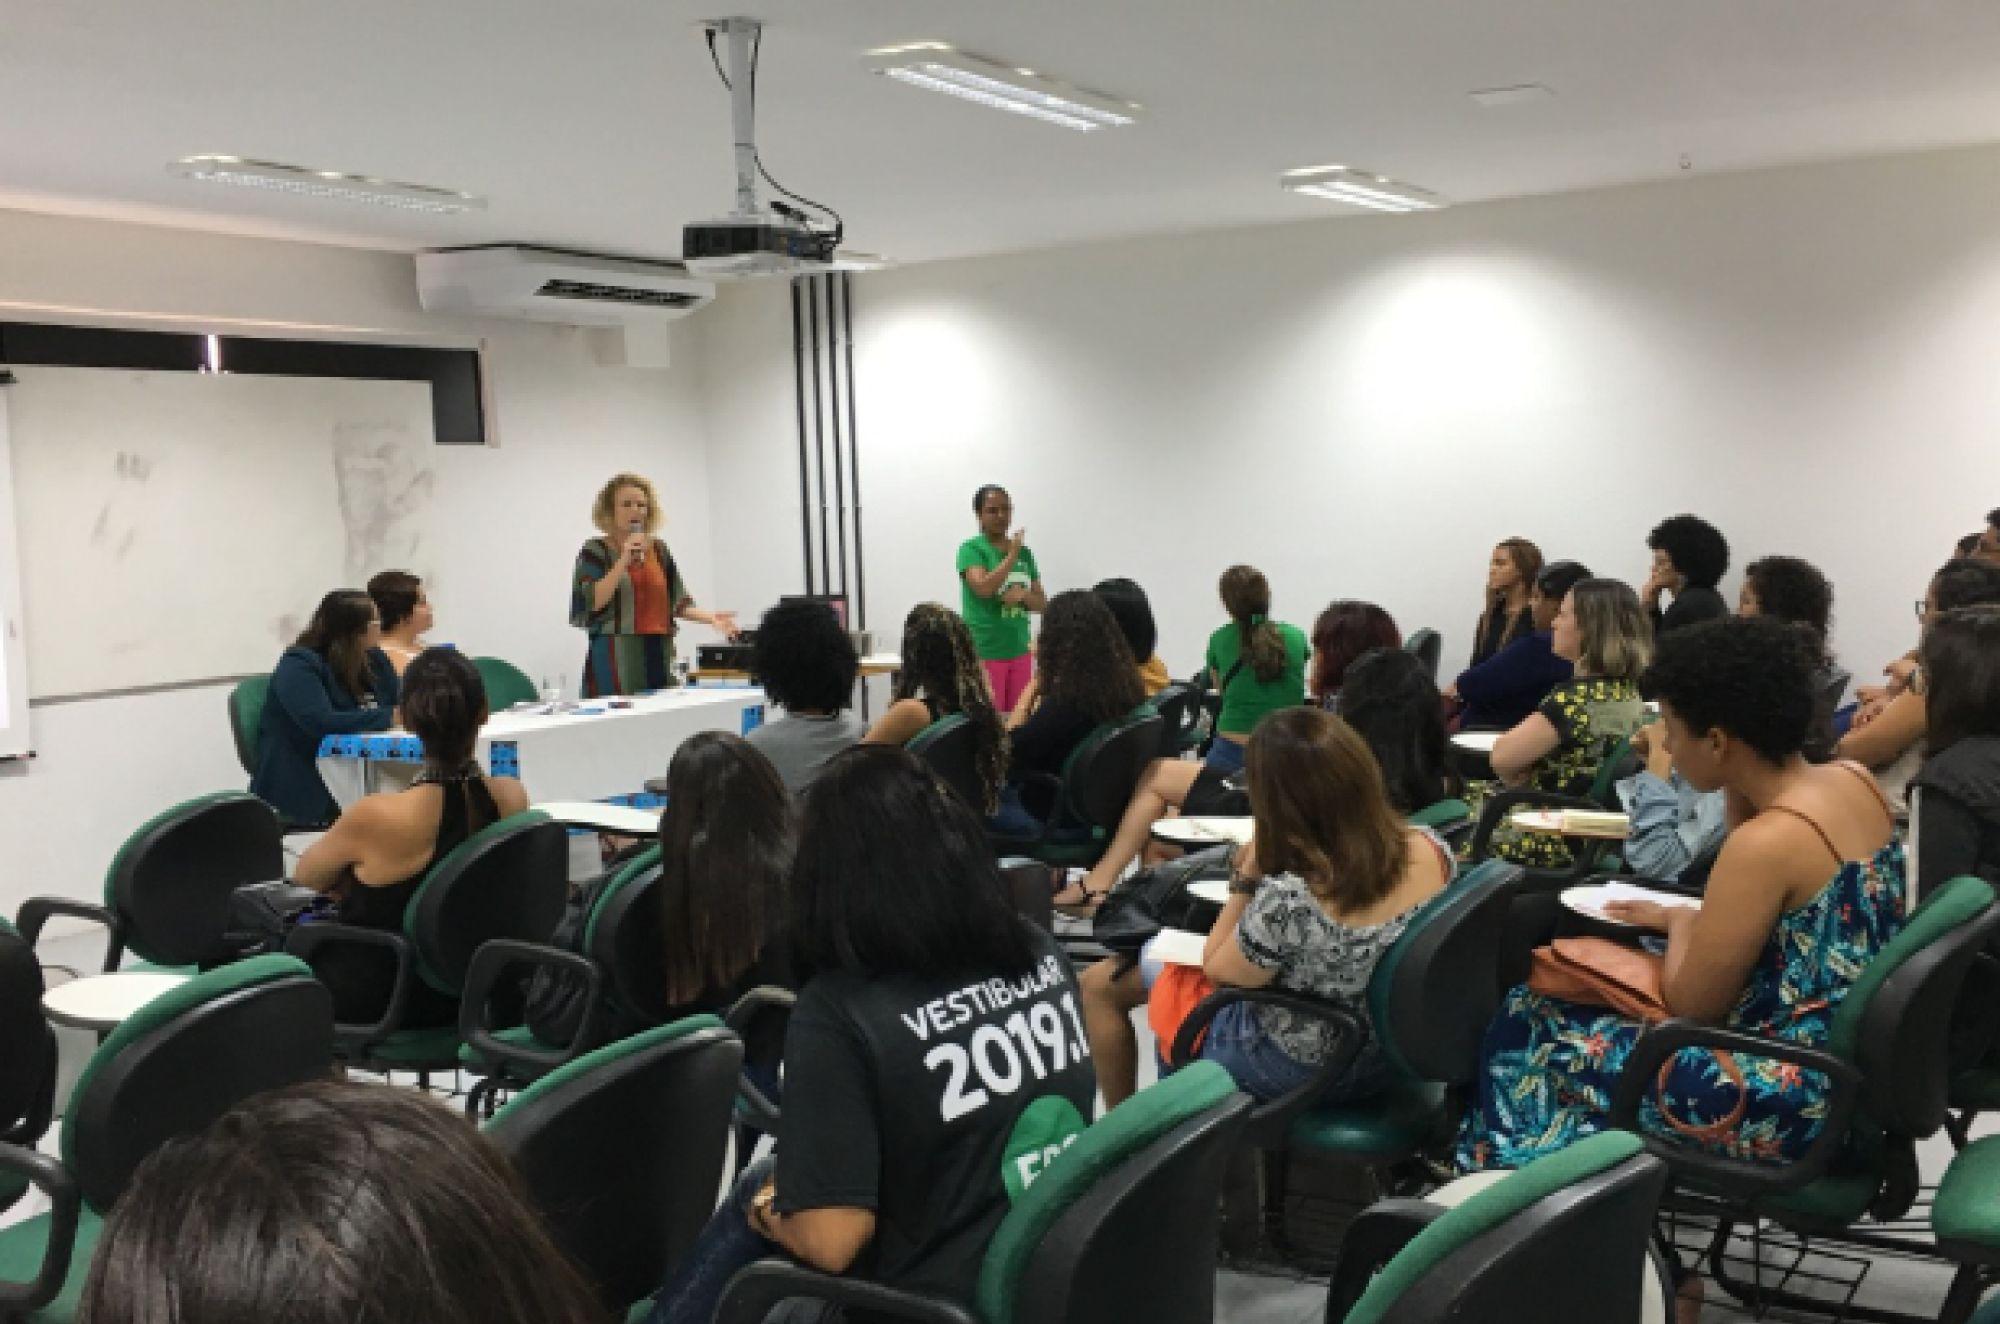 Estudantes e colaboradores discutem sobre relacionamento abusivo